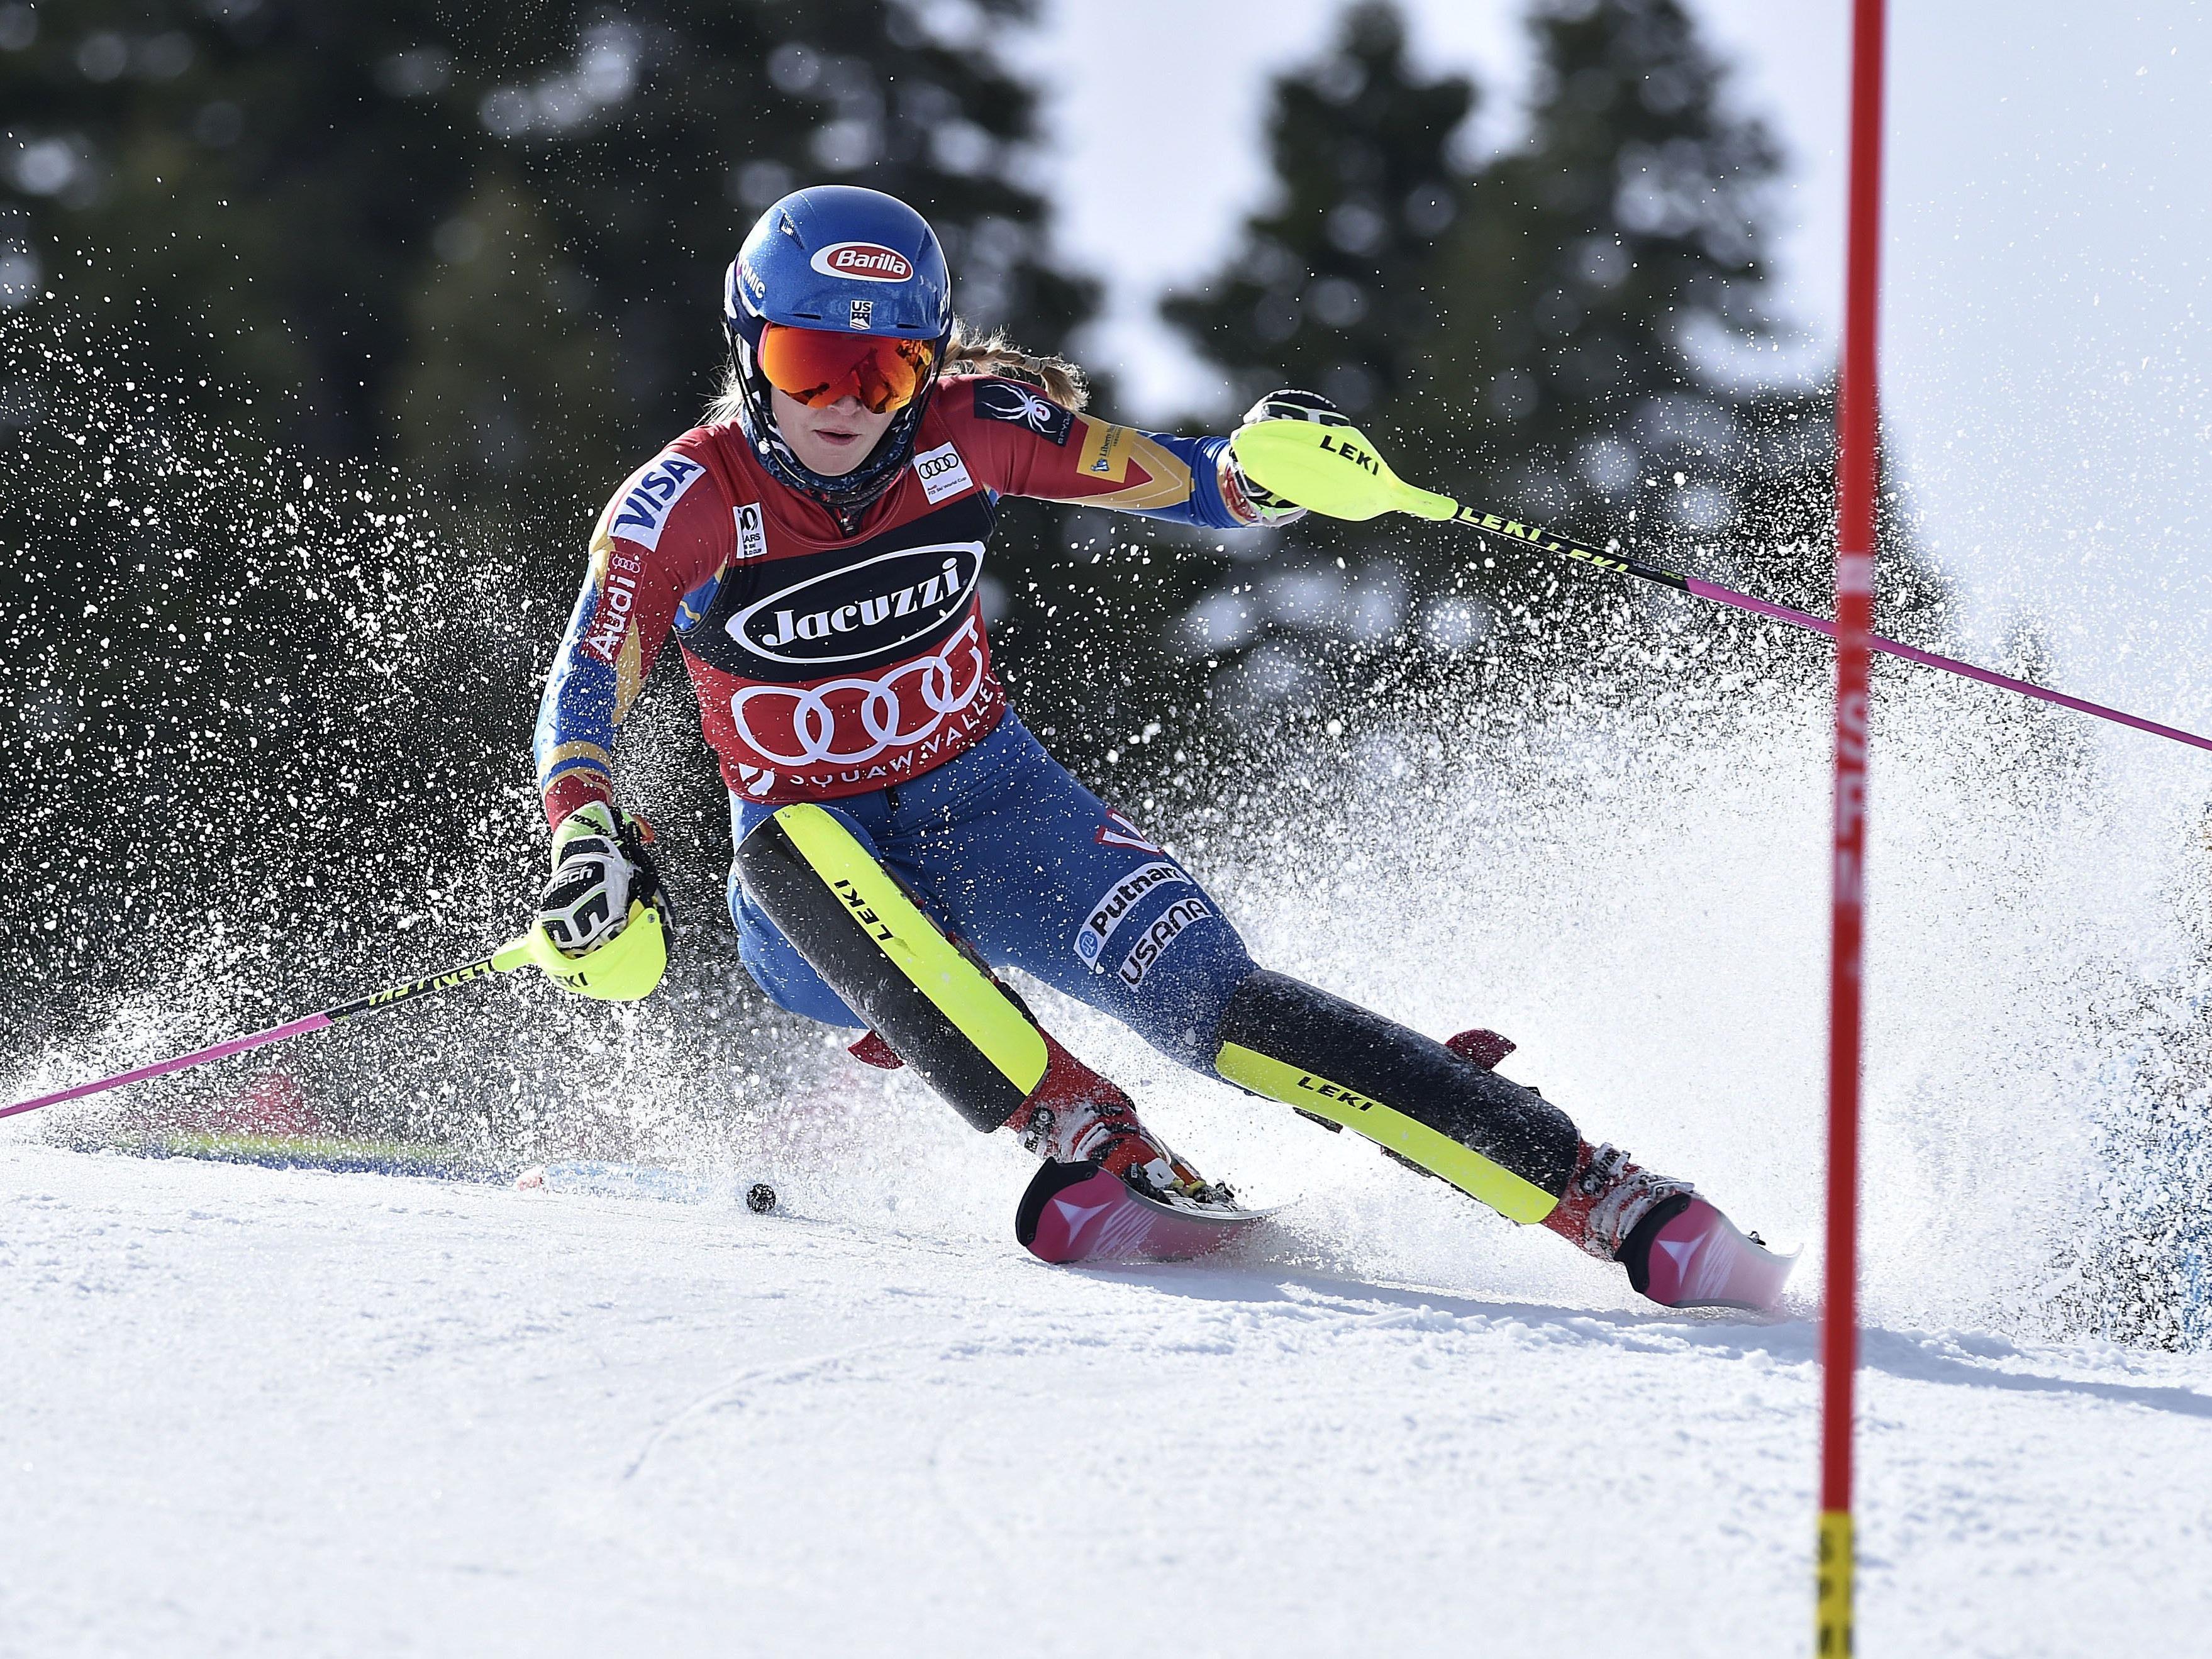 Mikaela Shiffrin sicherte sich bereits heute die kleine Kristallkugel im Slalom.